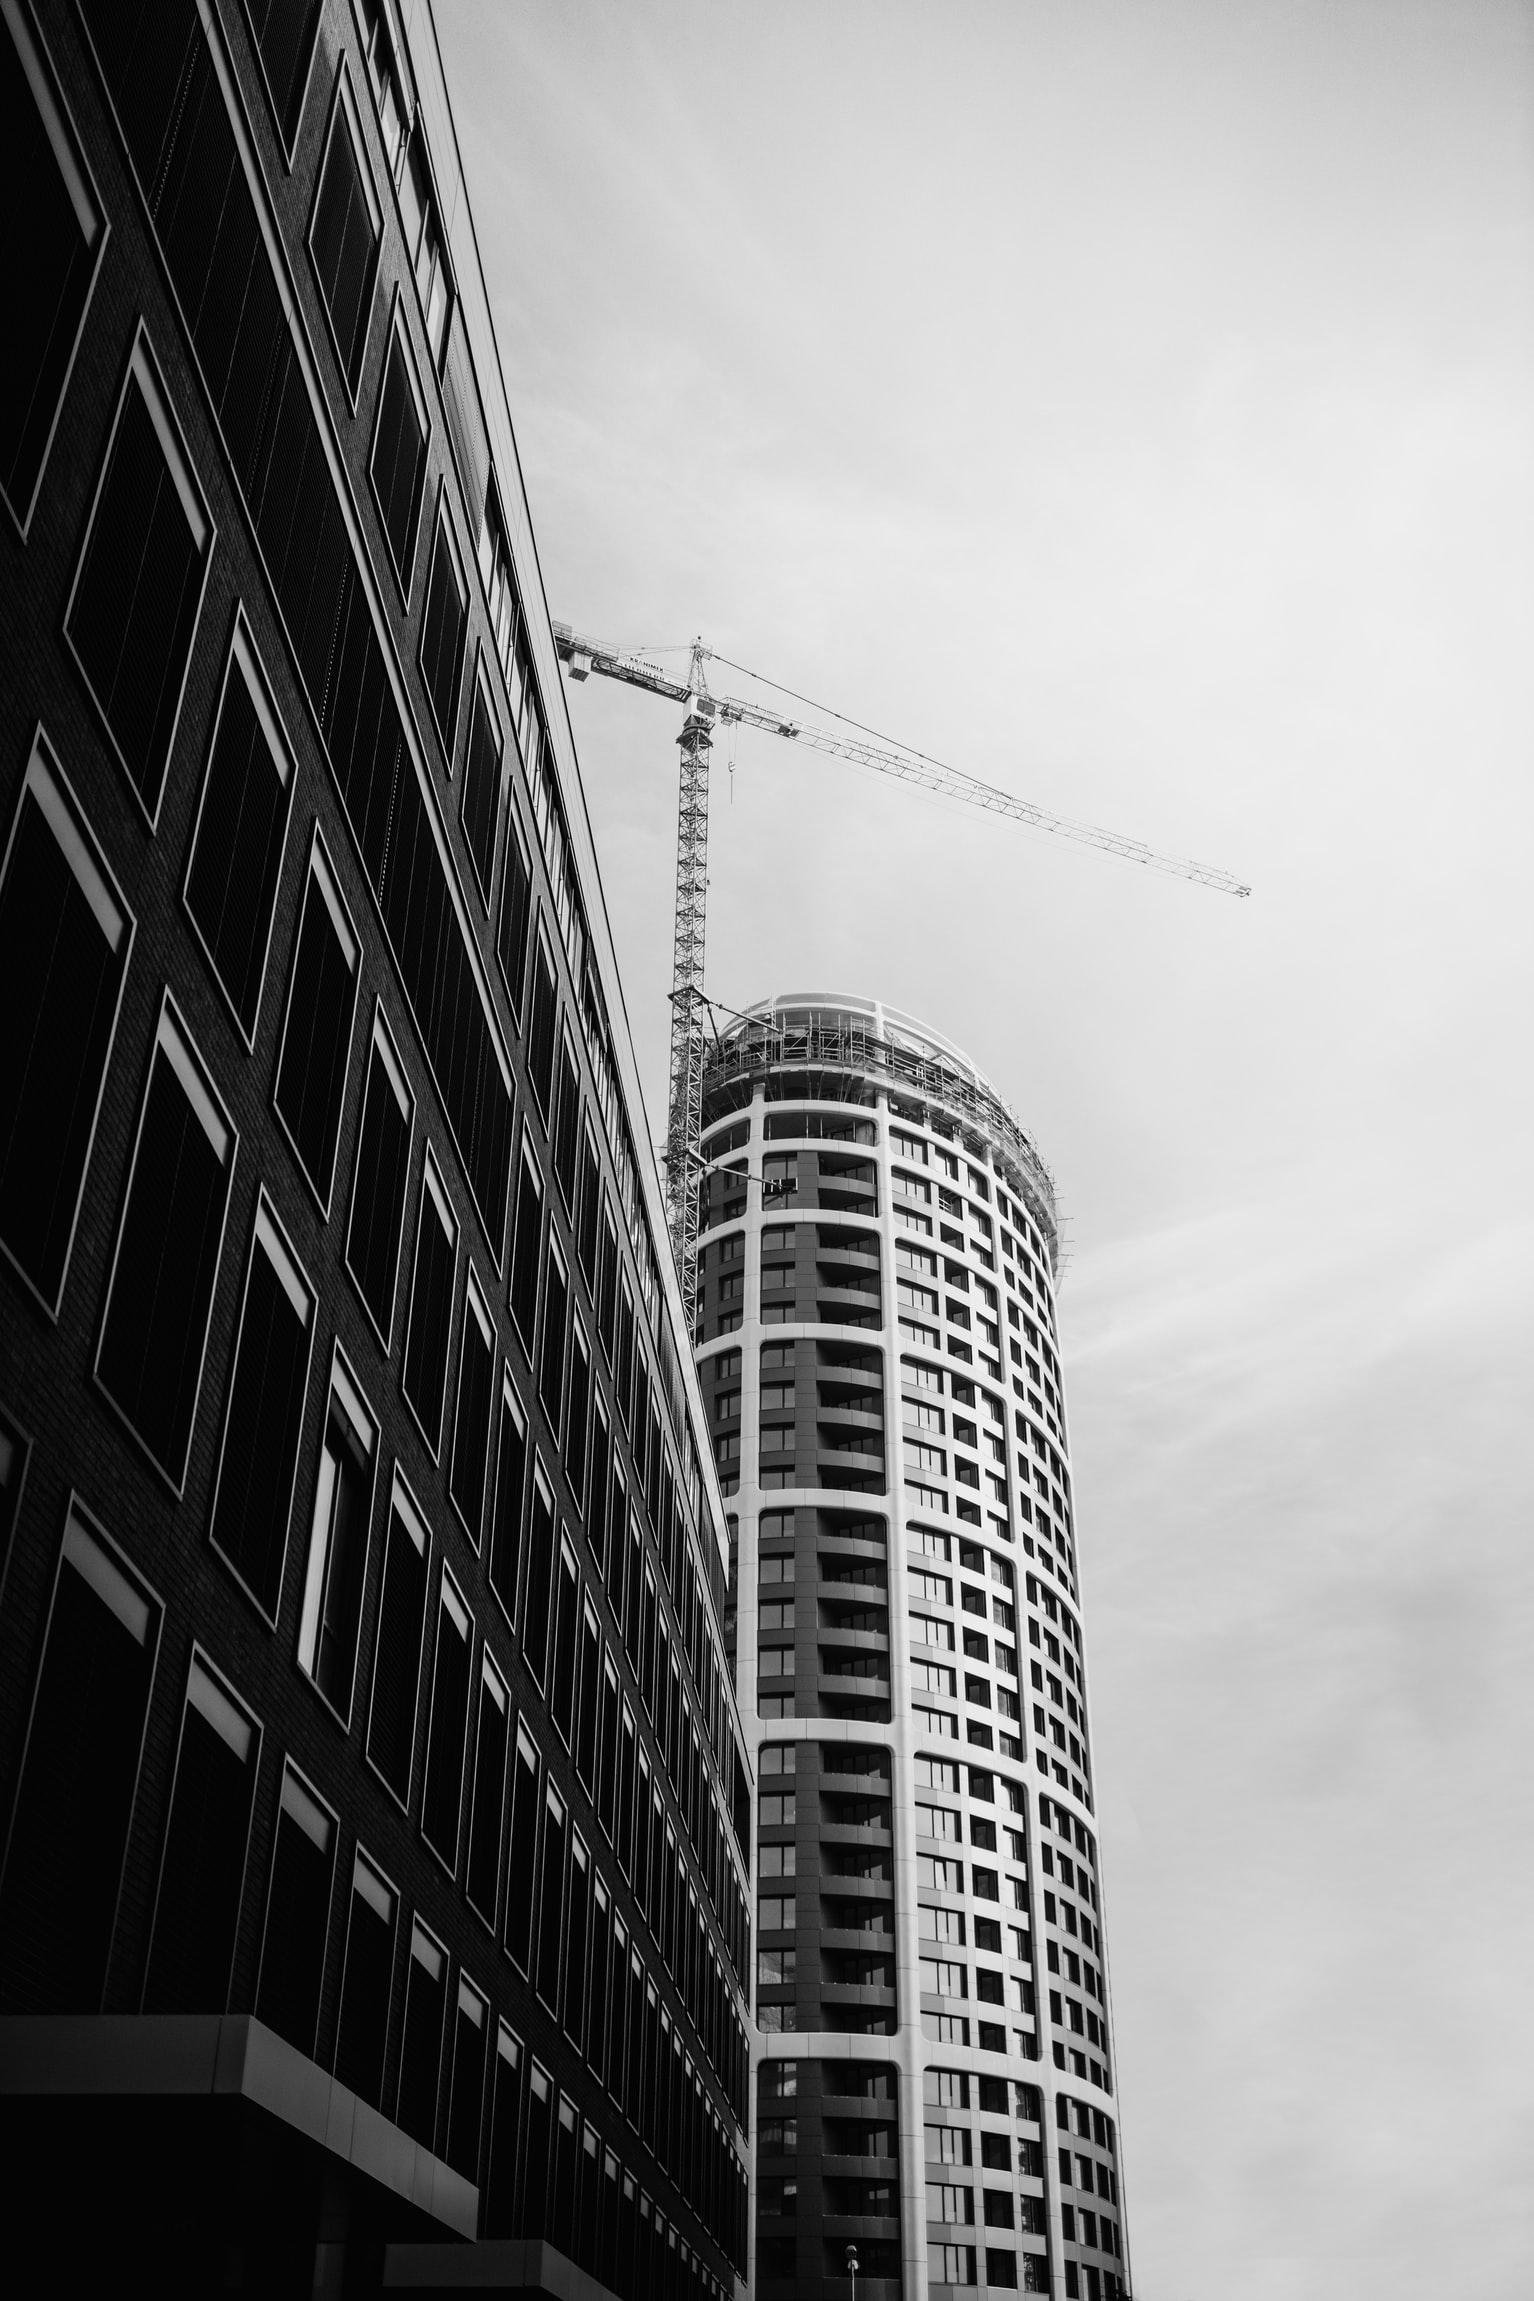 Jak wygrać przetarg na budowę osiedla deweloperskiego? Poznaj nasze sprawdzone rady